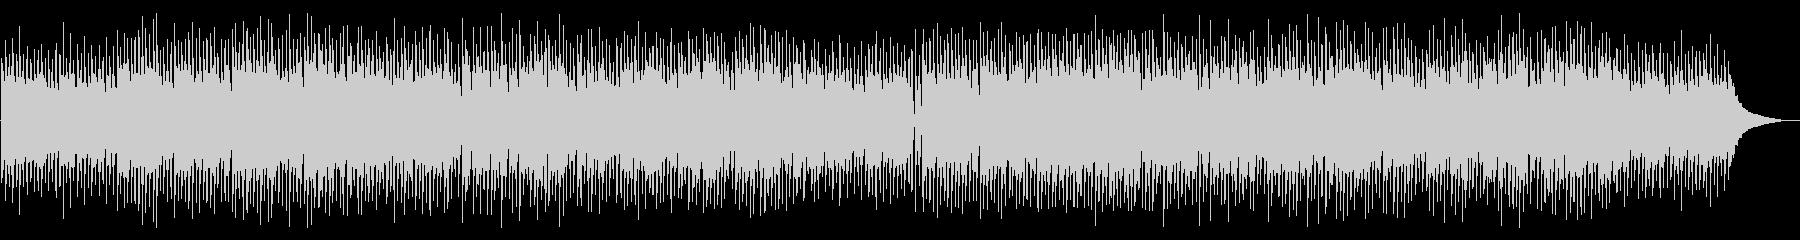 アップテンポなアコースティックポップの未再生の波形